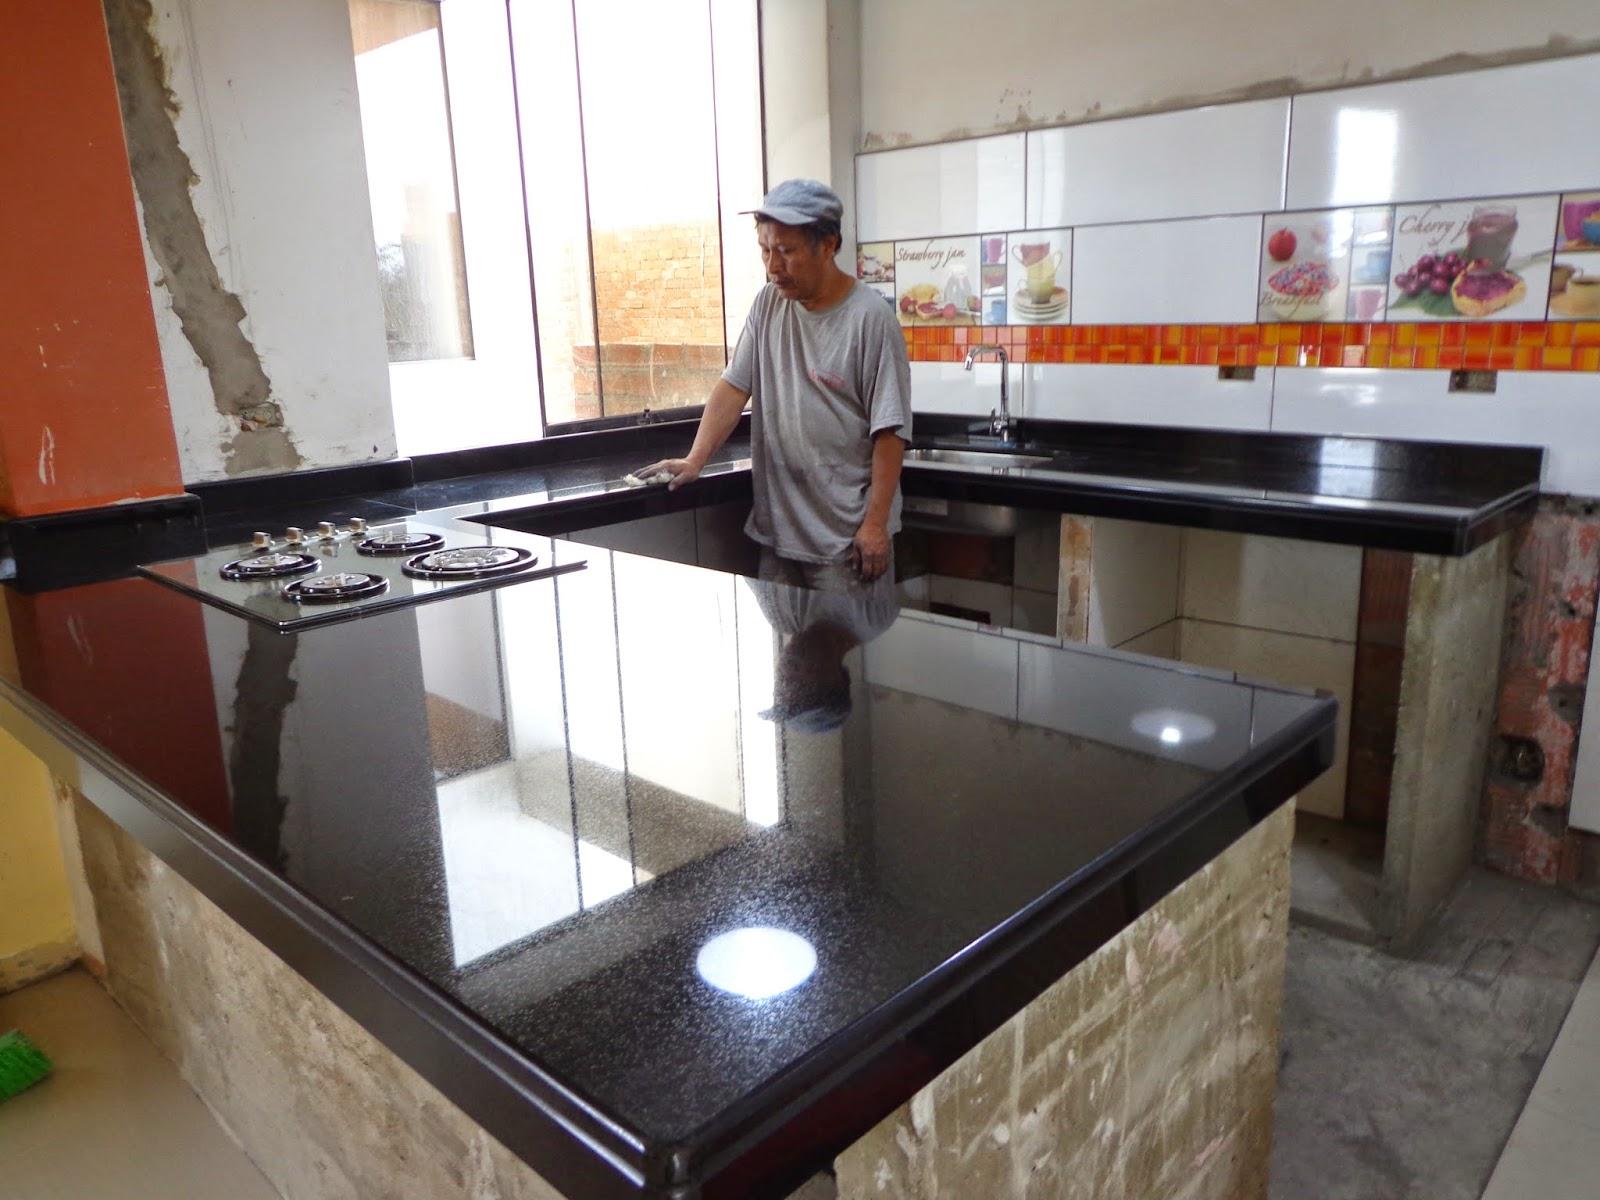 Barras cocina granito cuarzo marmol piedras naturales lima for Barra de granito para cocina precio